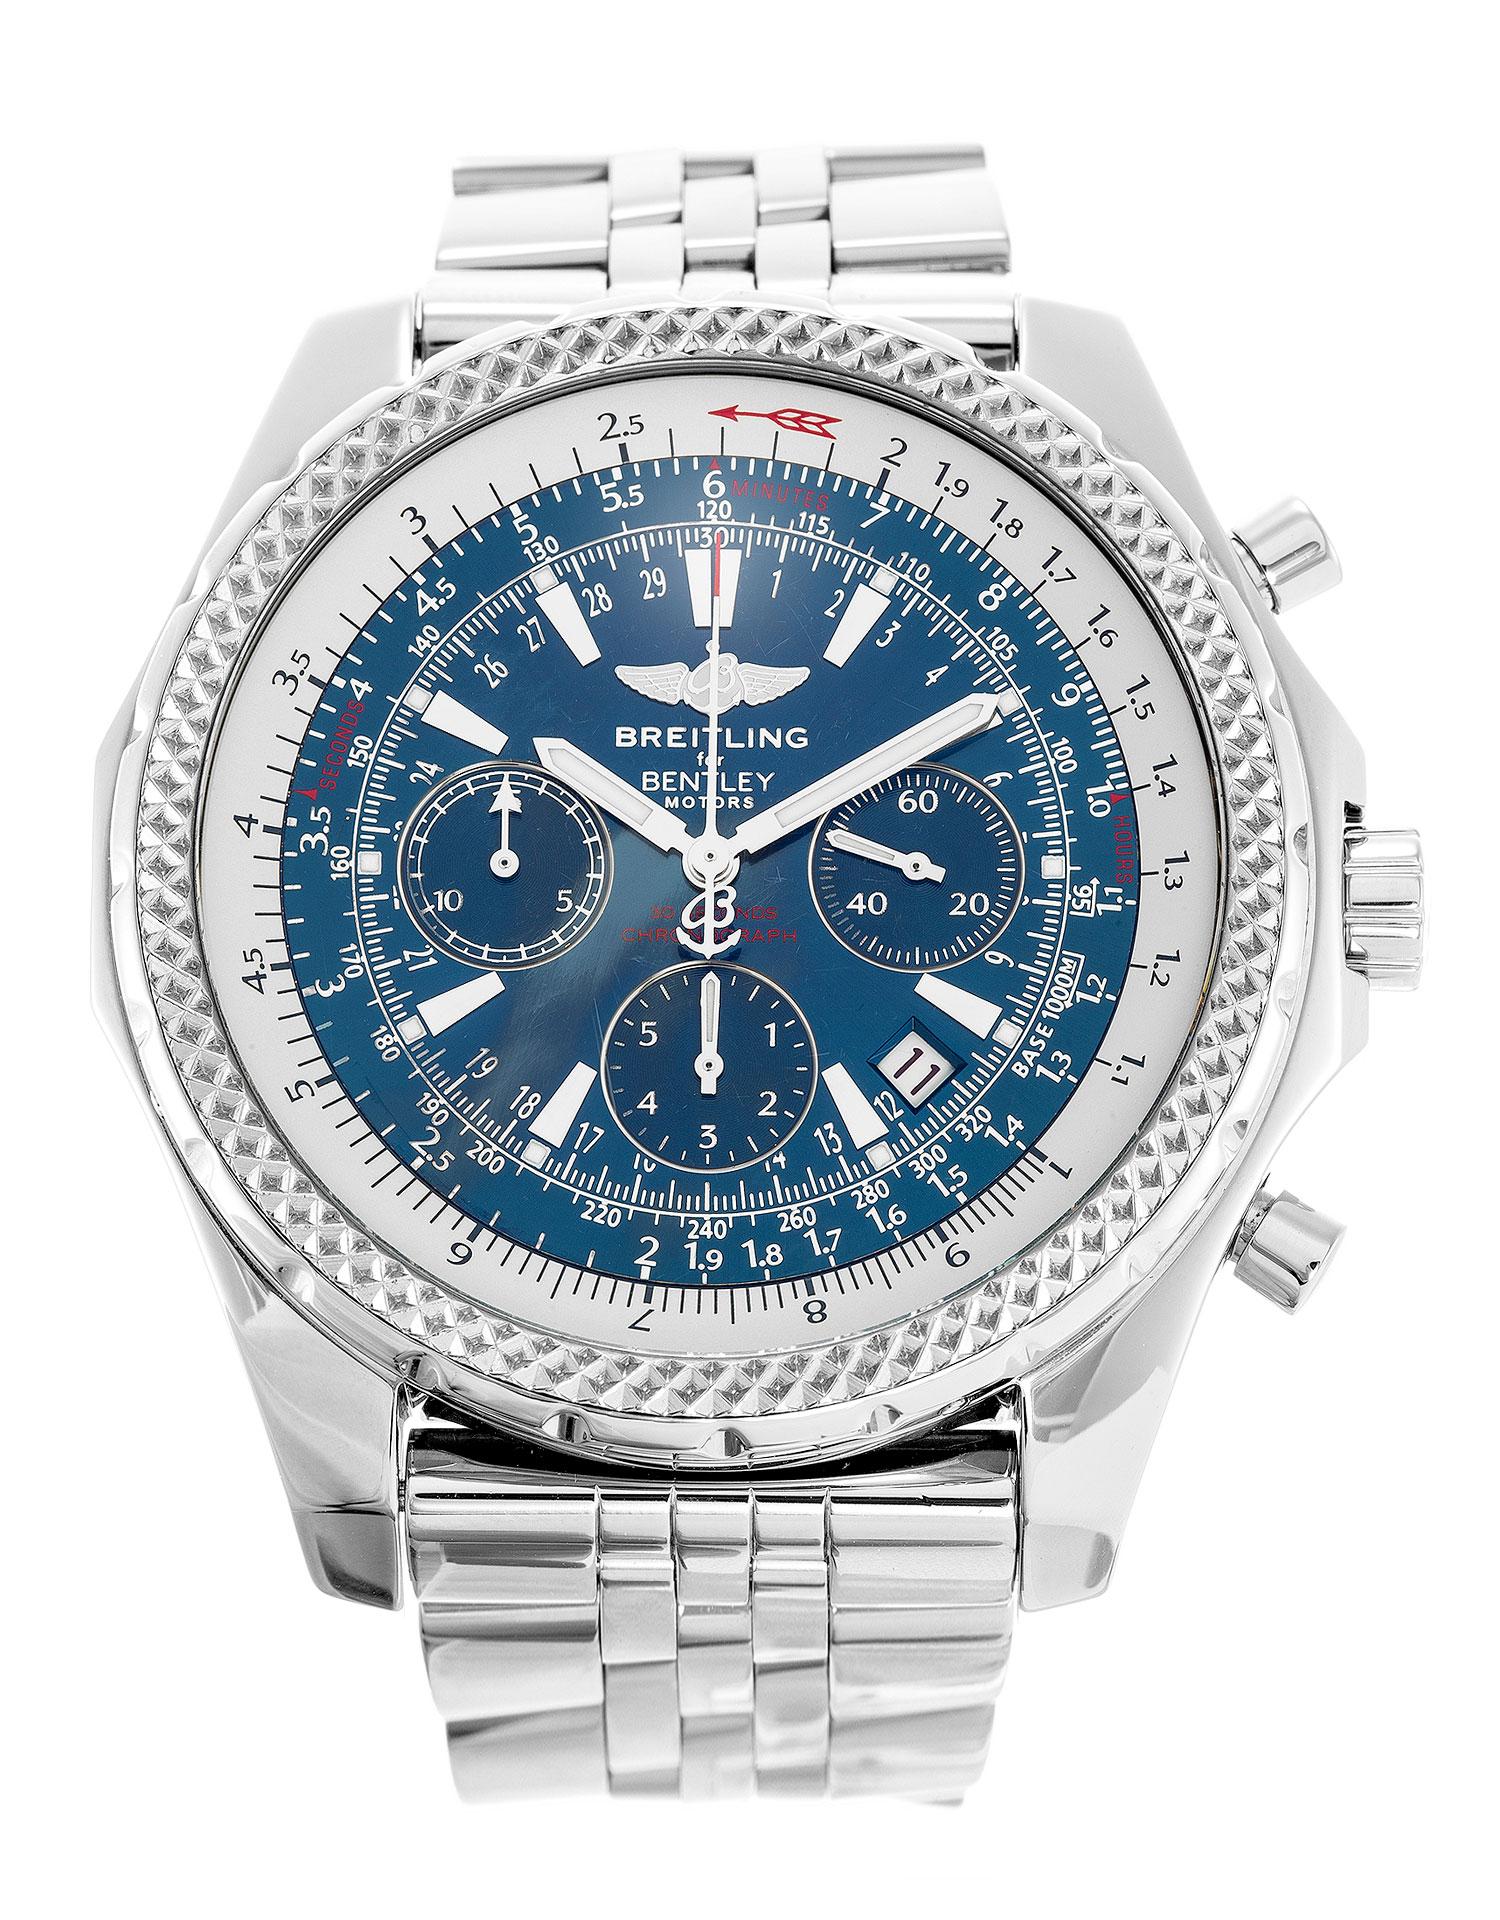 Breitling Bentley Motors A25362 Watch Watchfinder Amp Co